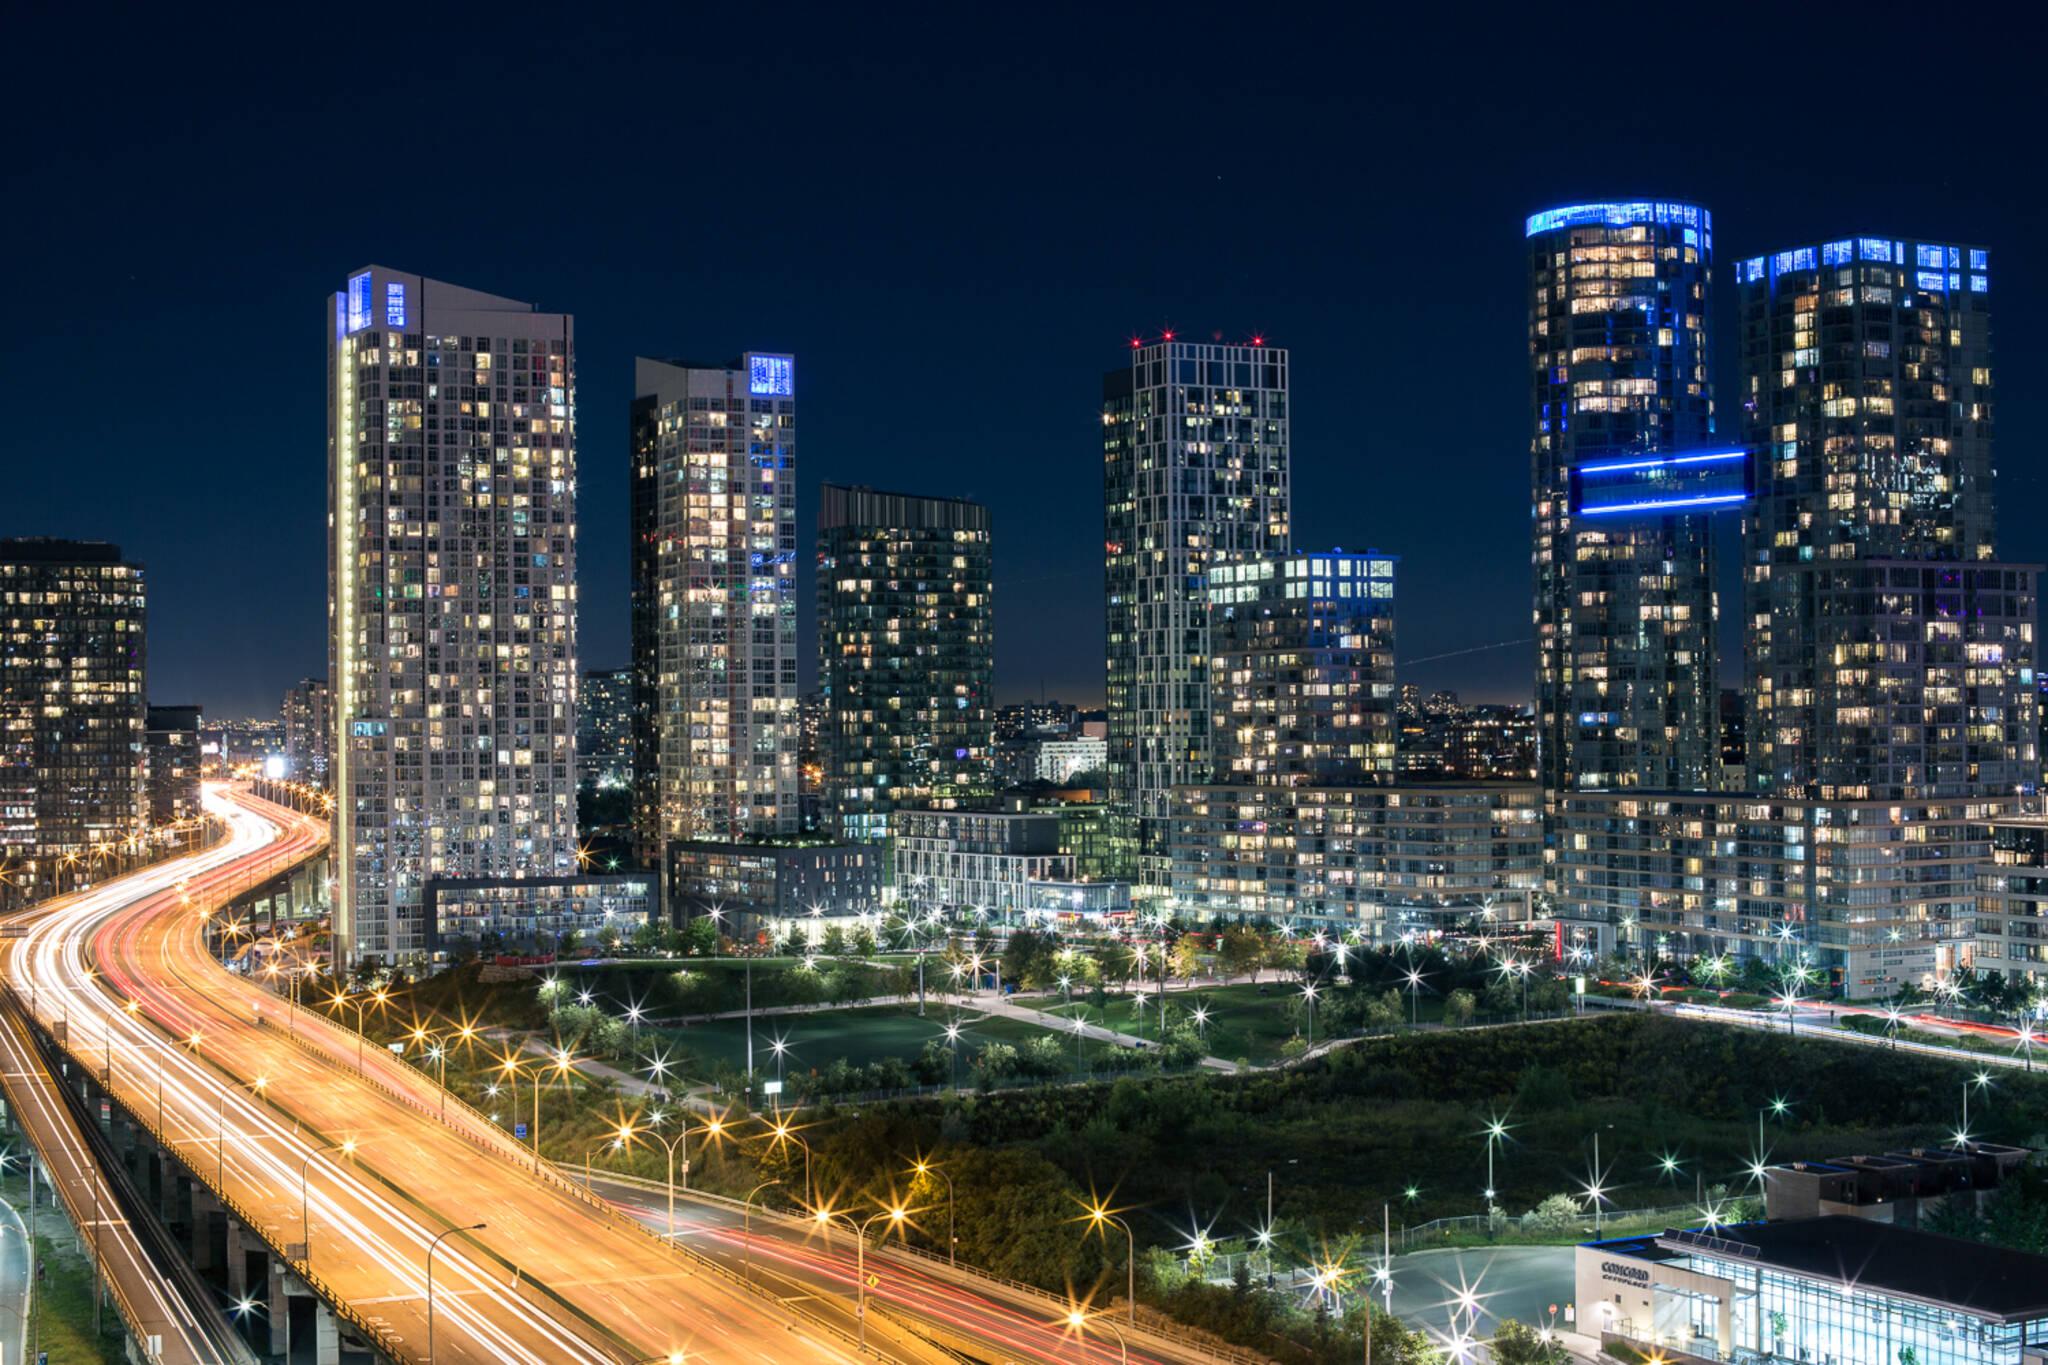 downtown Toronto noise